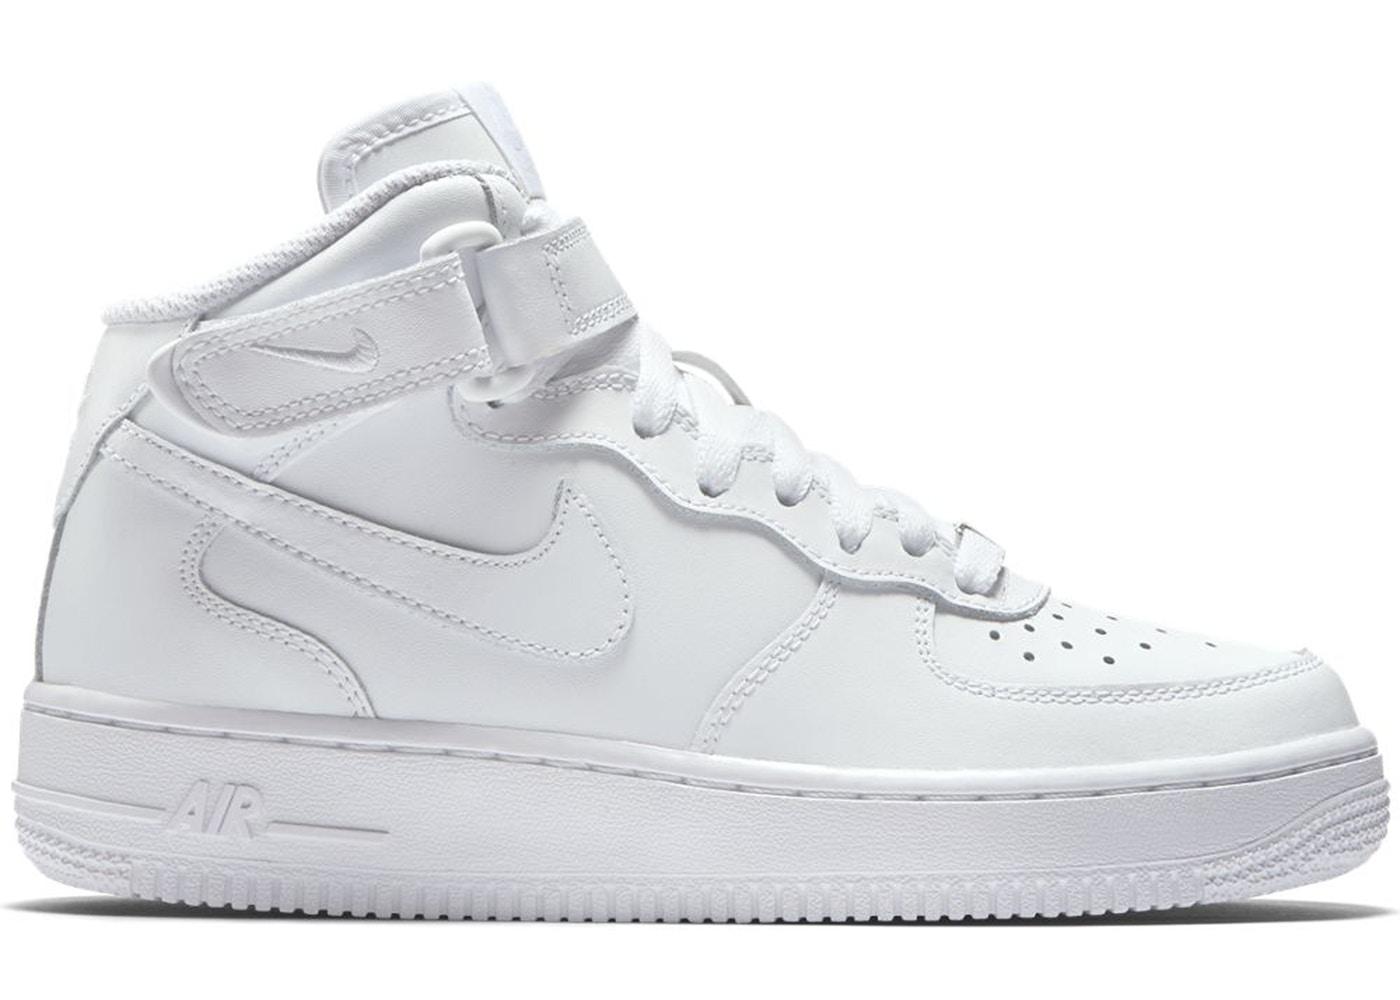 ナイキ キッズ/レディース エアフォース1 Nike Air Force 1 Mid スニーカー White/White